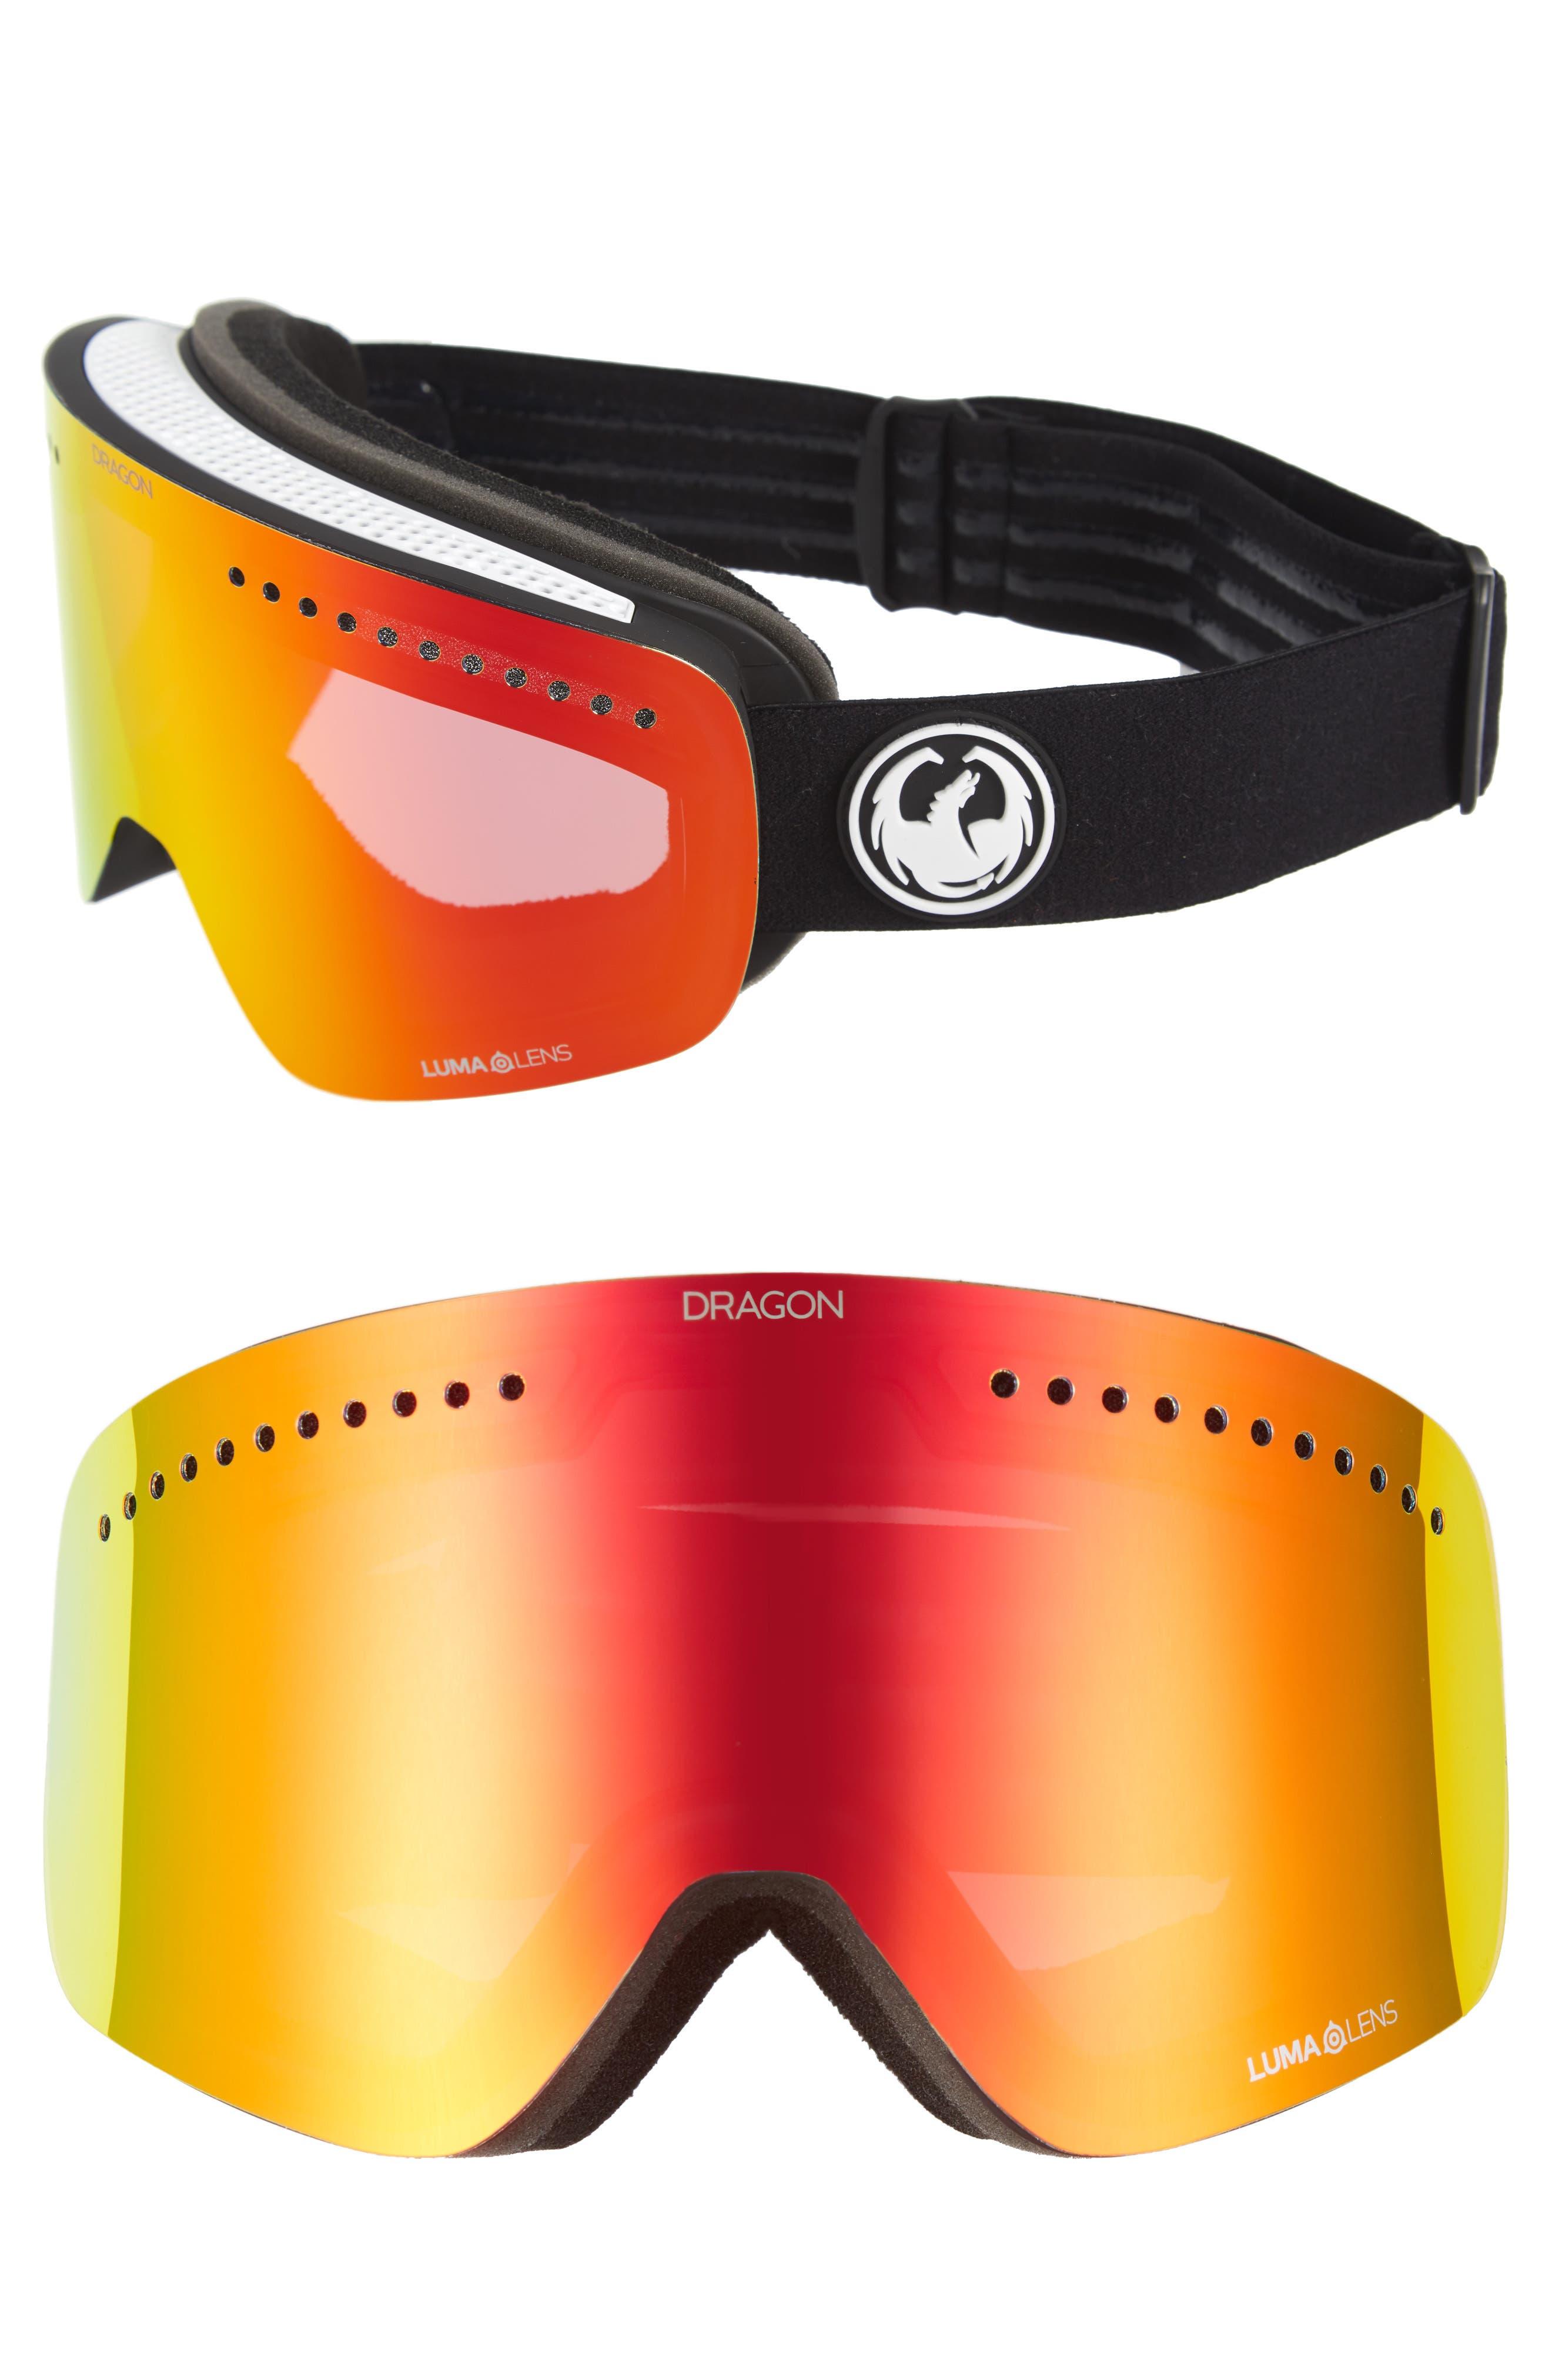 Nfx Frameless Snow Goggles